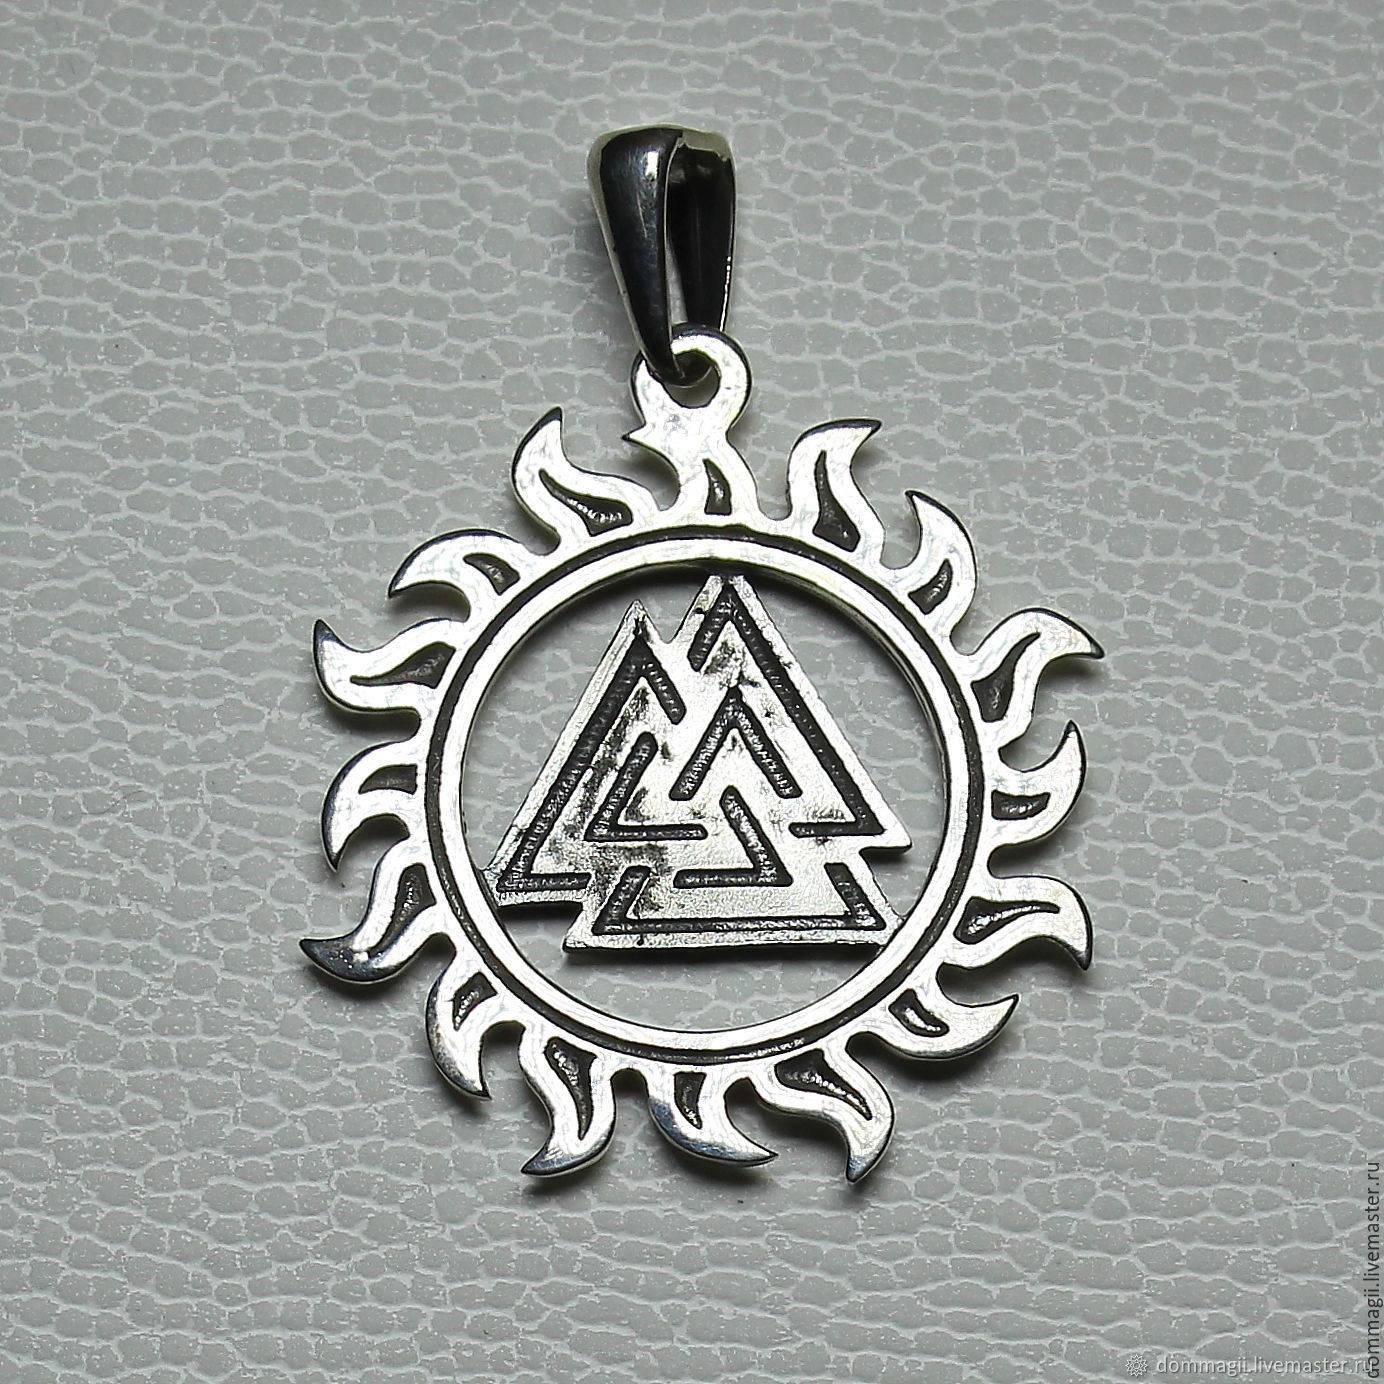 Значение символа валькнут, его история, трактовка и воздействие